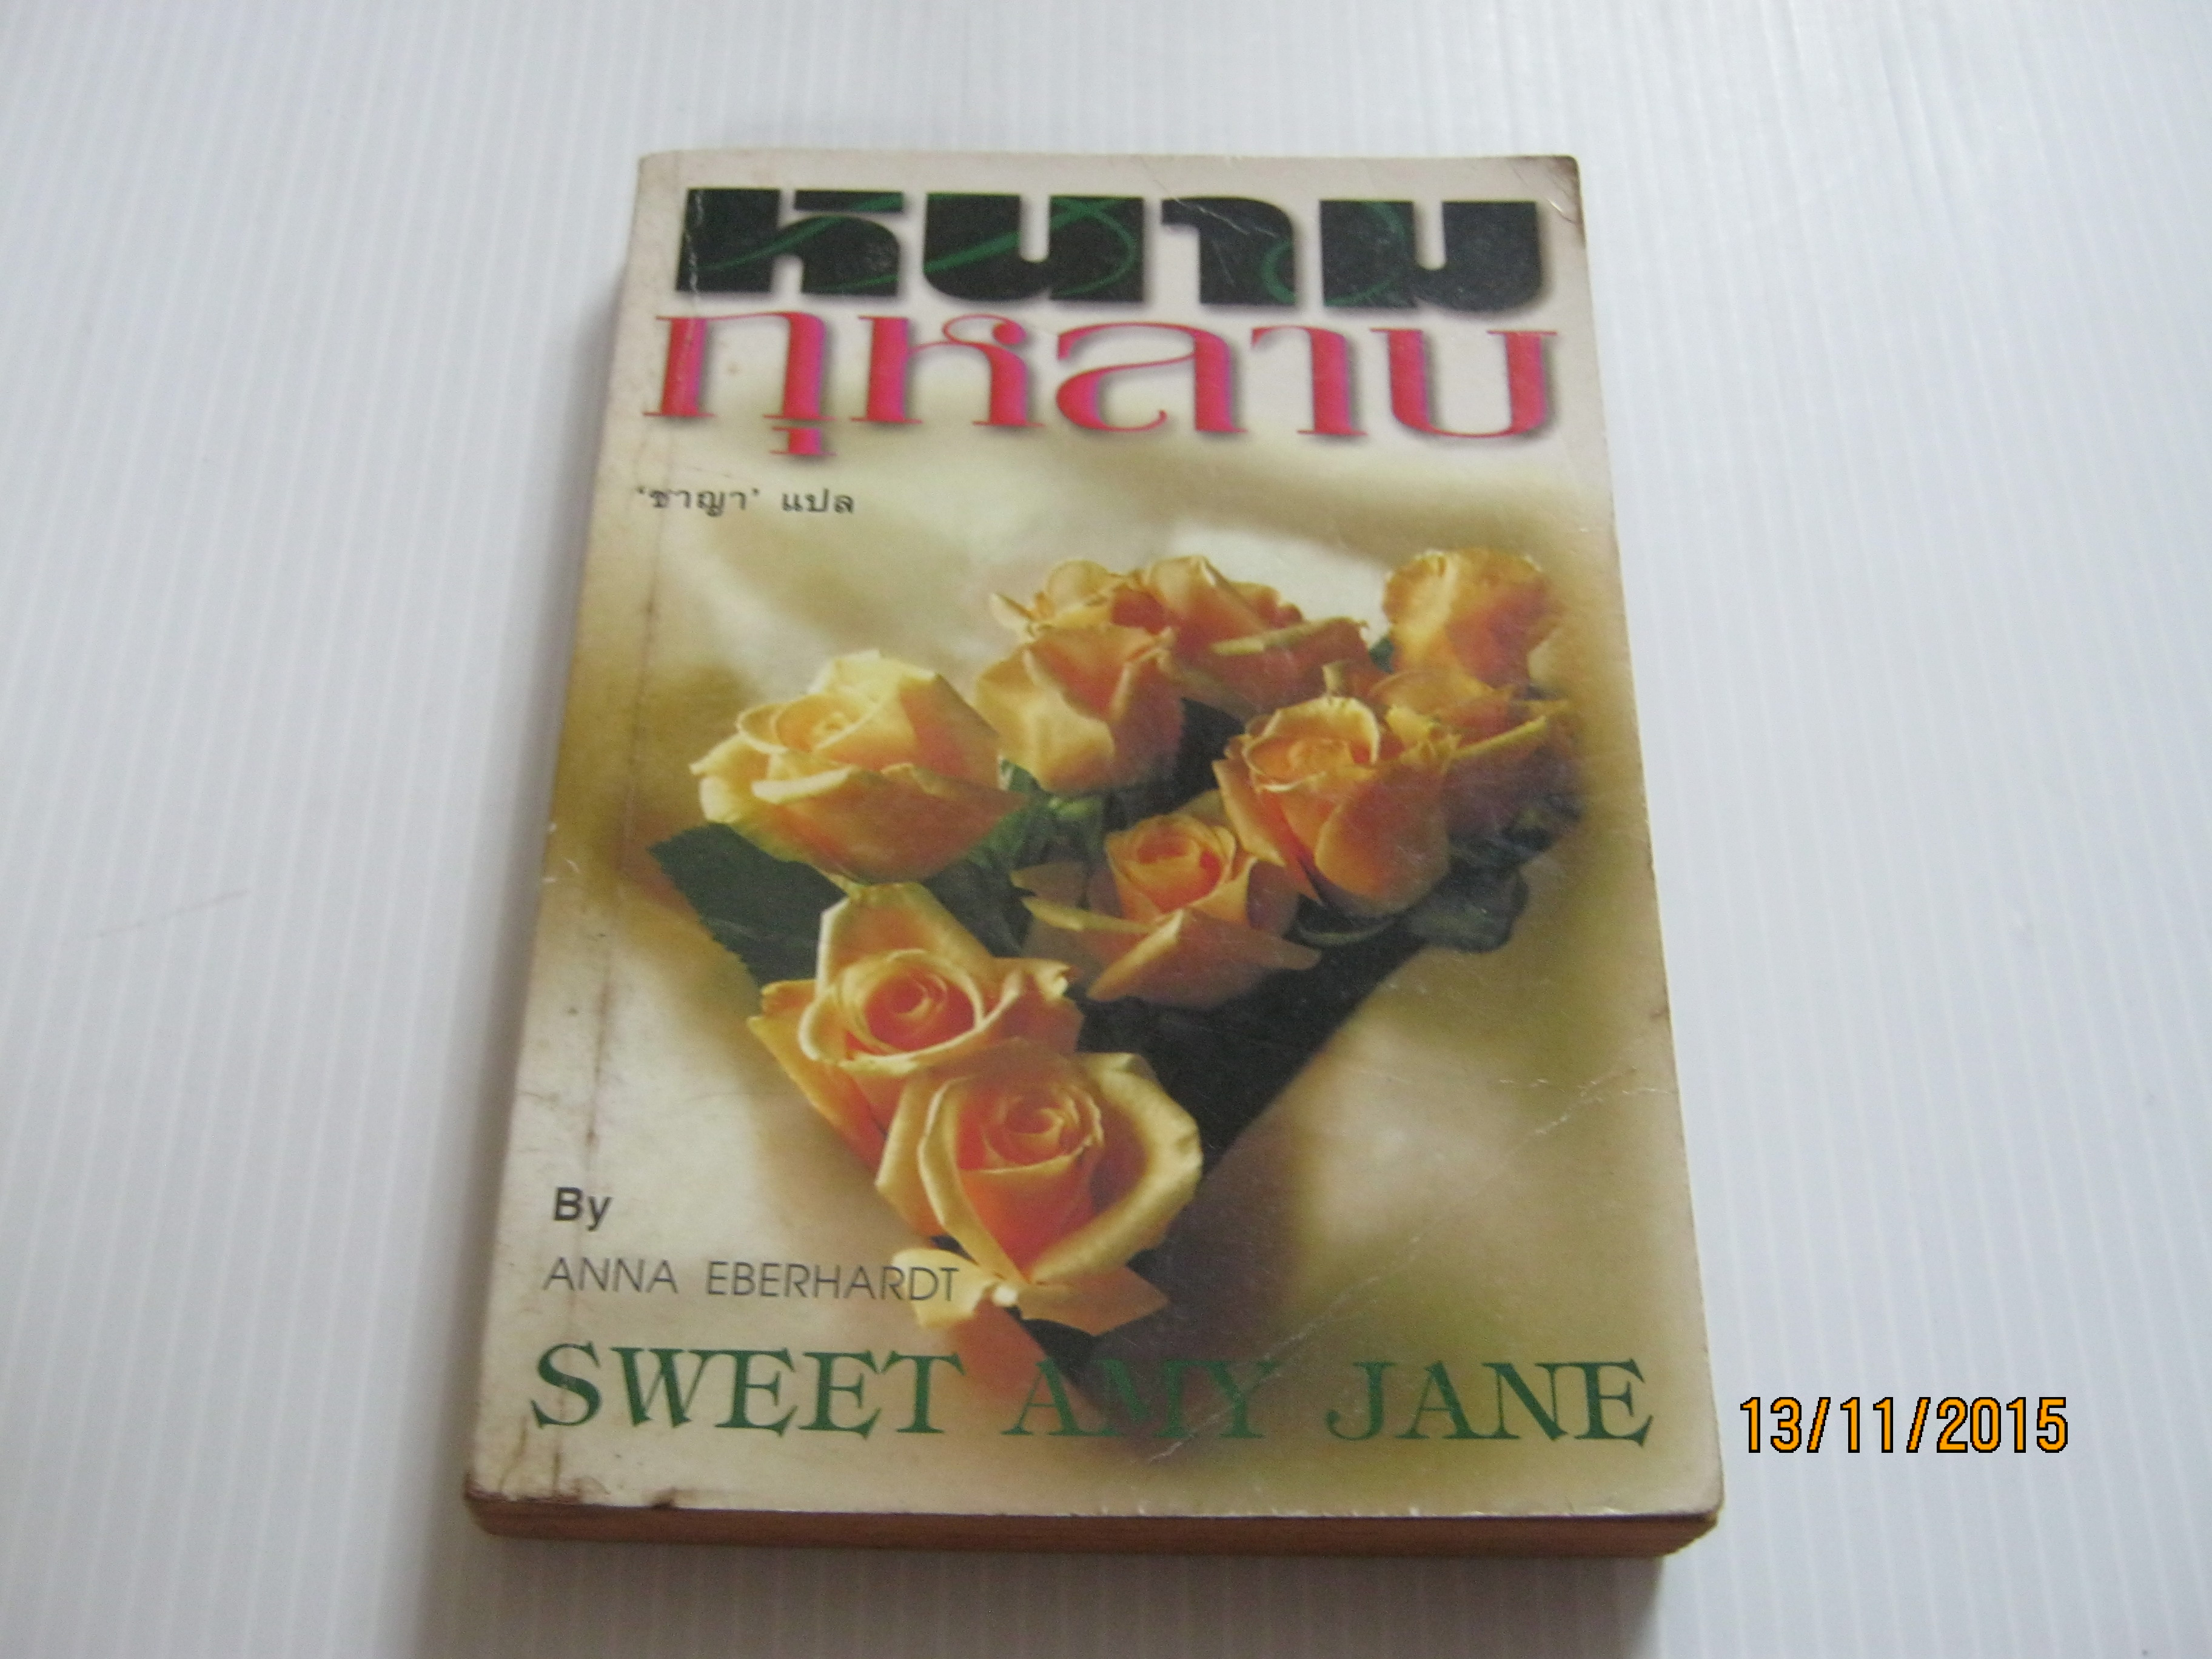 หนามกุหลาบ (Sweet Enemy Jane) Anna Eberhardt เขียน ชาญา แปล